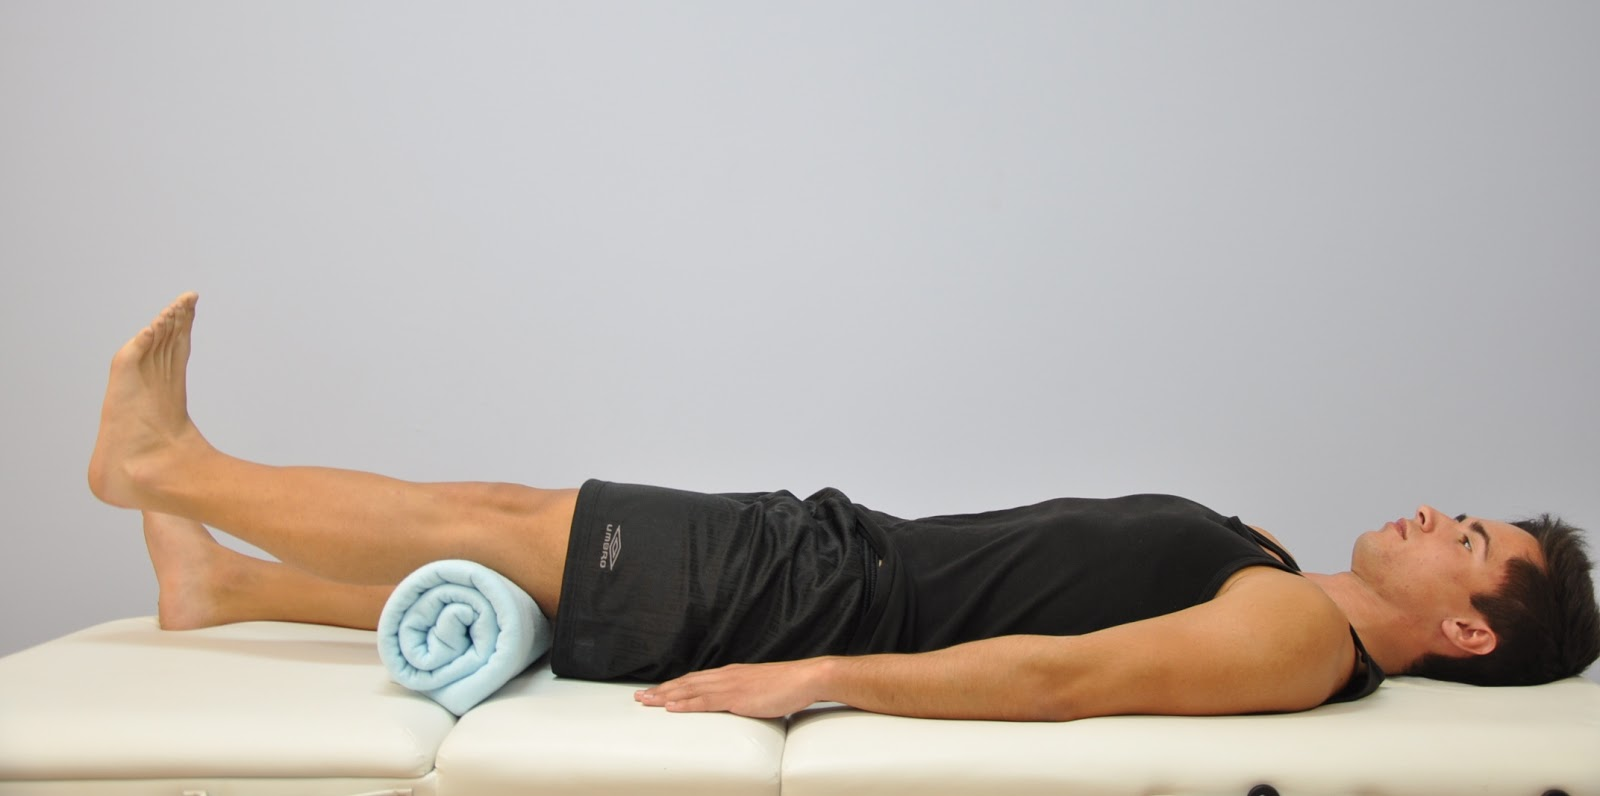 Fisioinforma Contus O Muscular No Quadric Pite